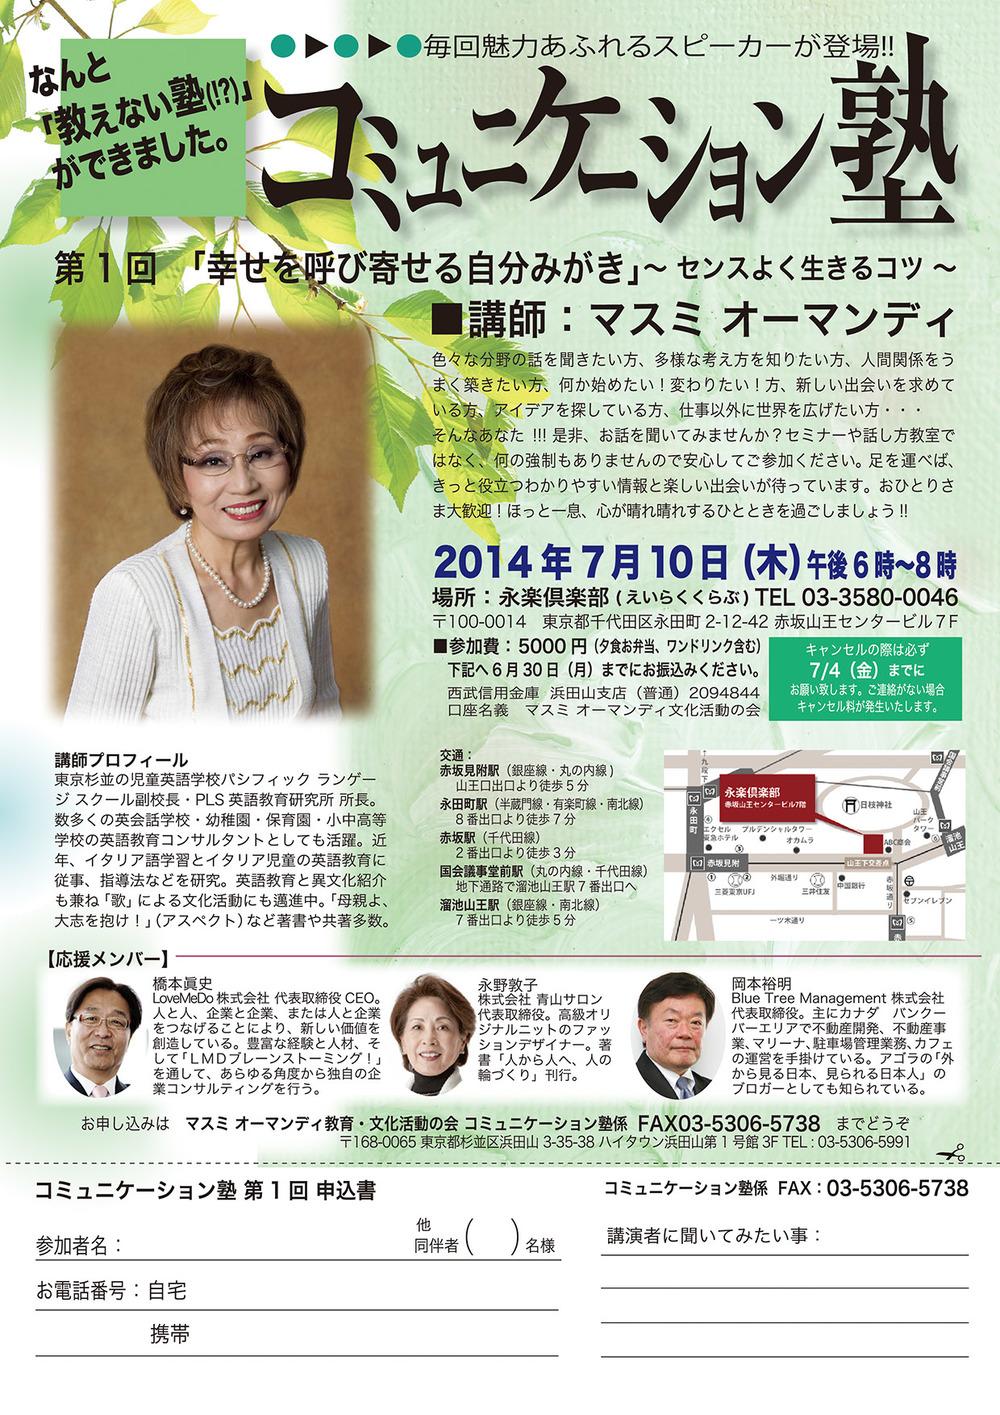 第1回 2014年7月10日 赤坂 「幸せを呼び寄せる自分みがき」~センスよく生きるコツ~ マスミ オーマンディ